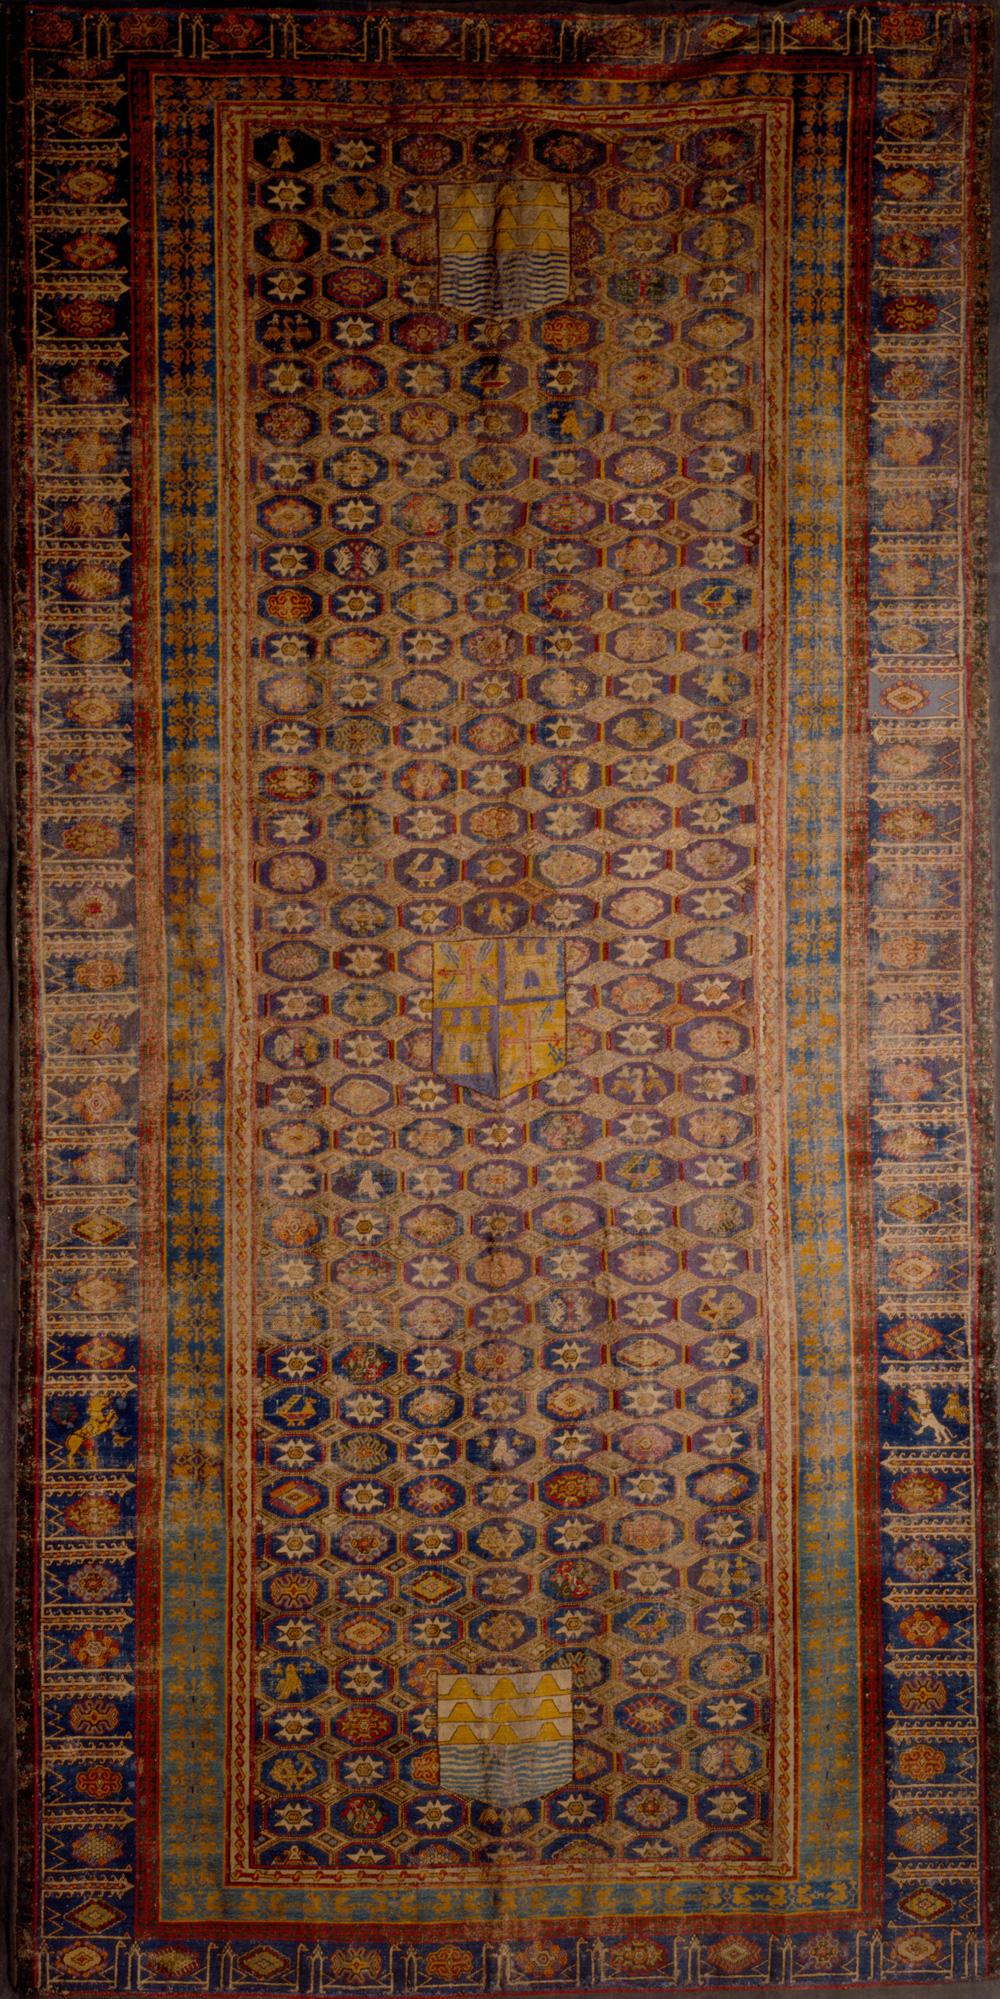 Spanish 'Admiral' carpet, Instituto Valencia de Don Juan, Madrid, day 7